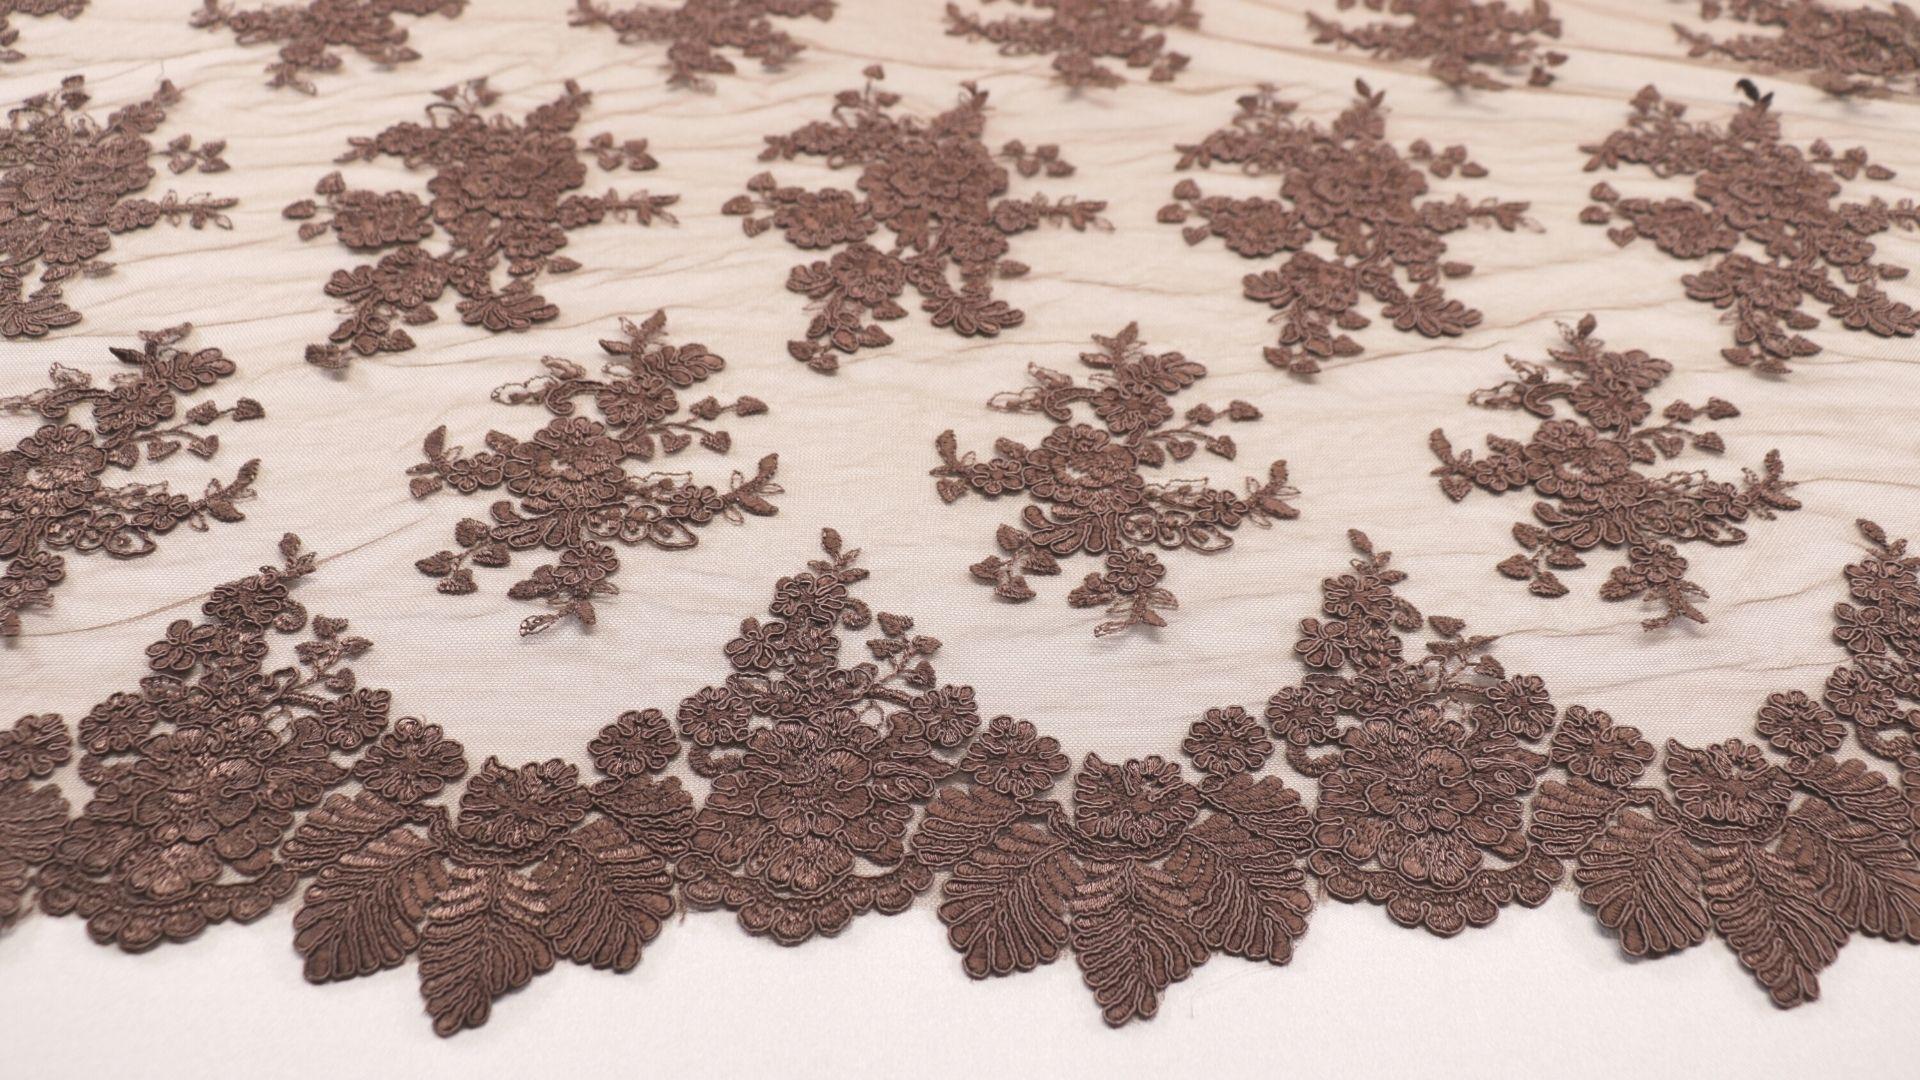 il particolare del tessuto lv5625, appartenente alla categoria ricami senza accessori, di Leadford & Logan